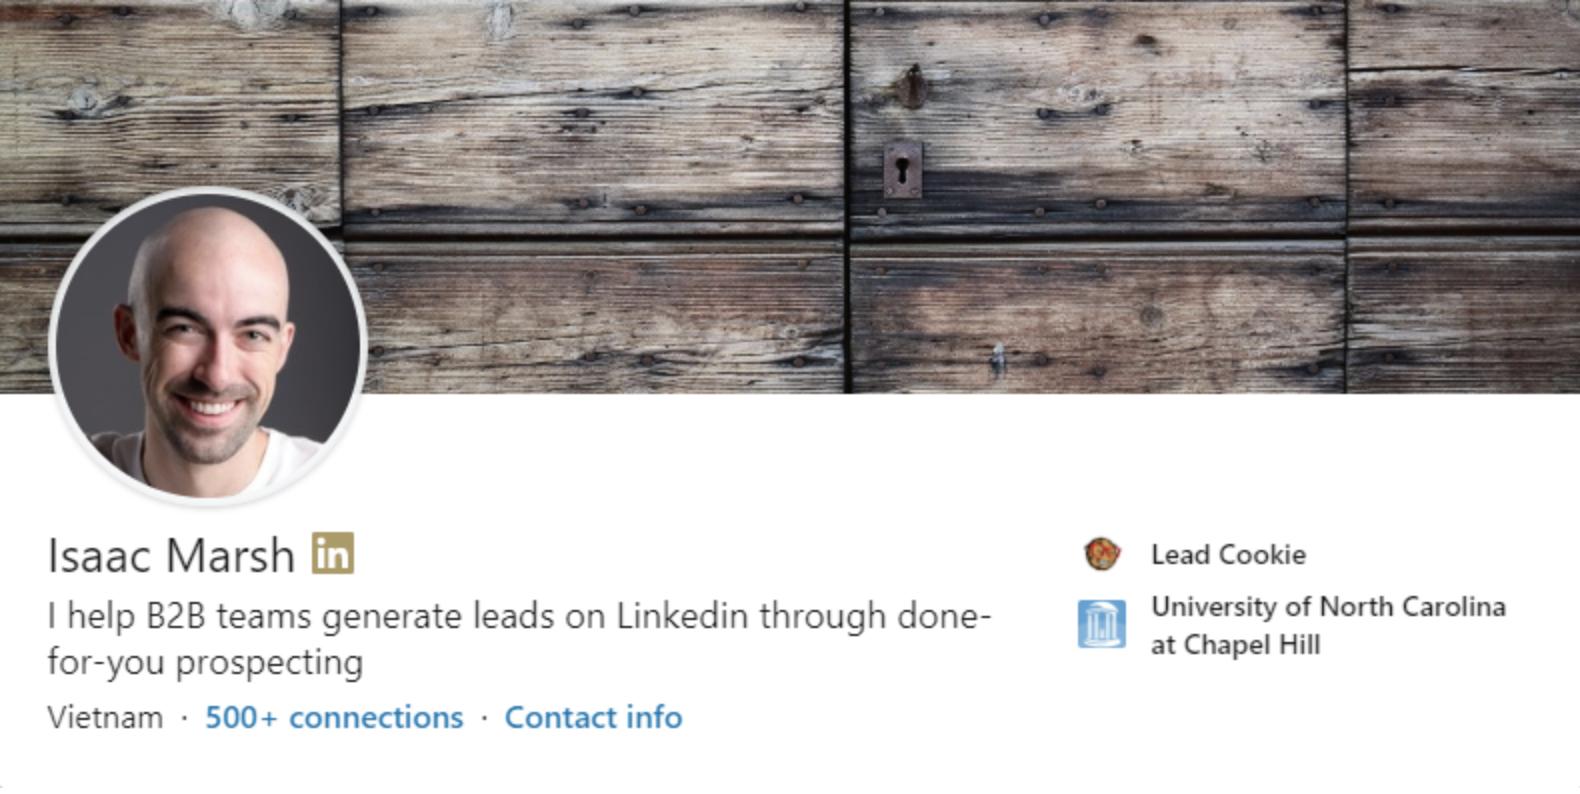 Usando o LinkedIn para obter novos negócios remotamente - Z6 Mag 2